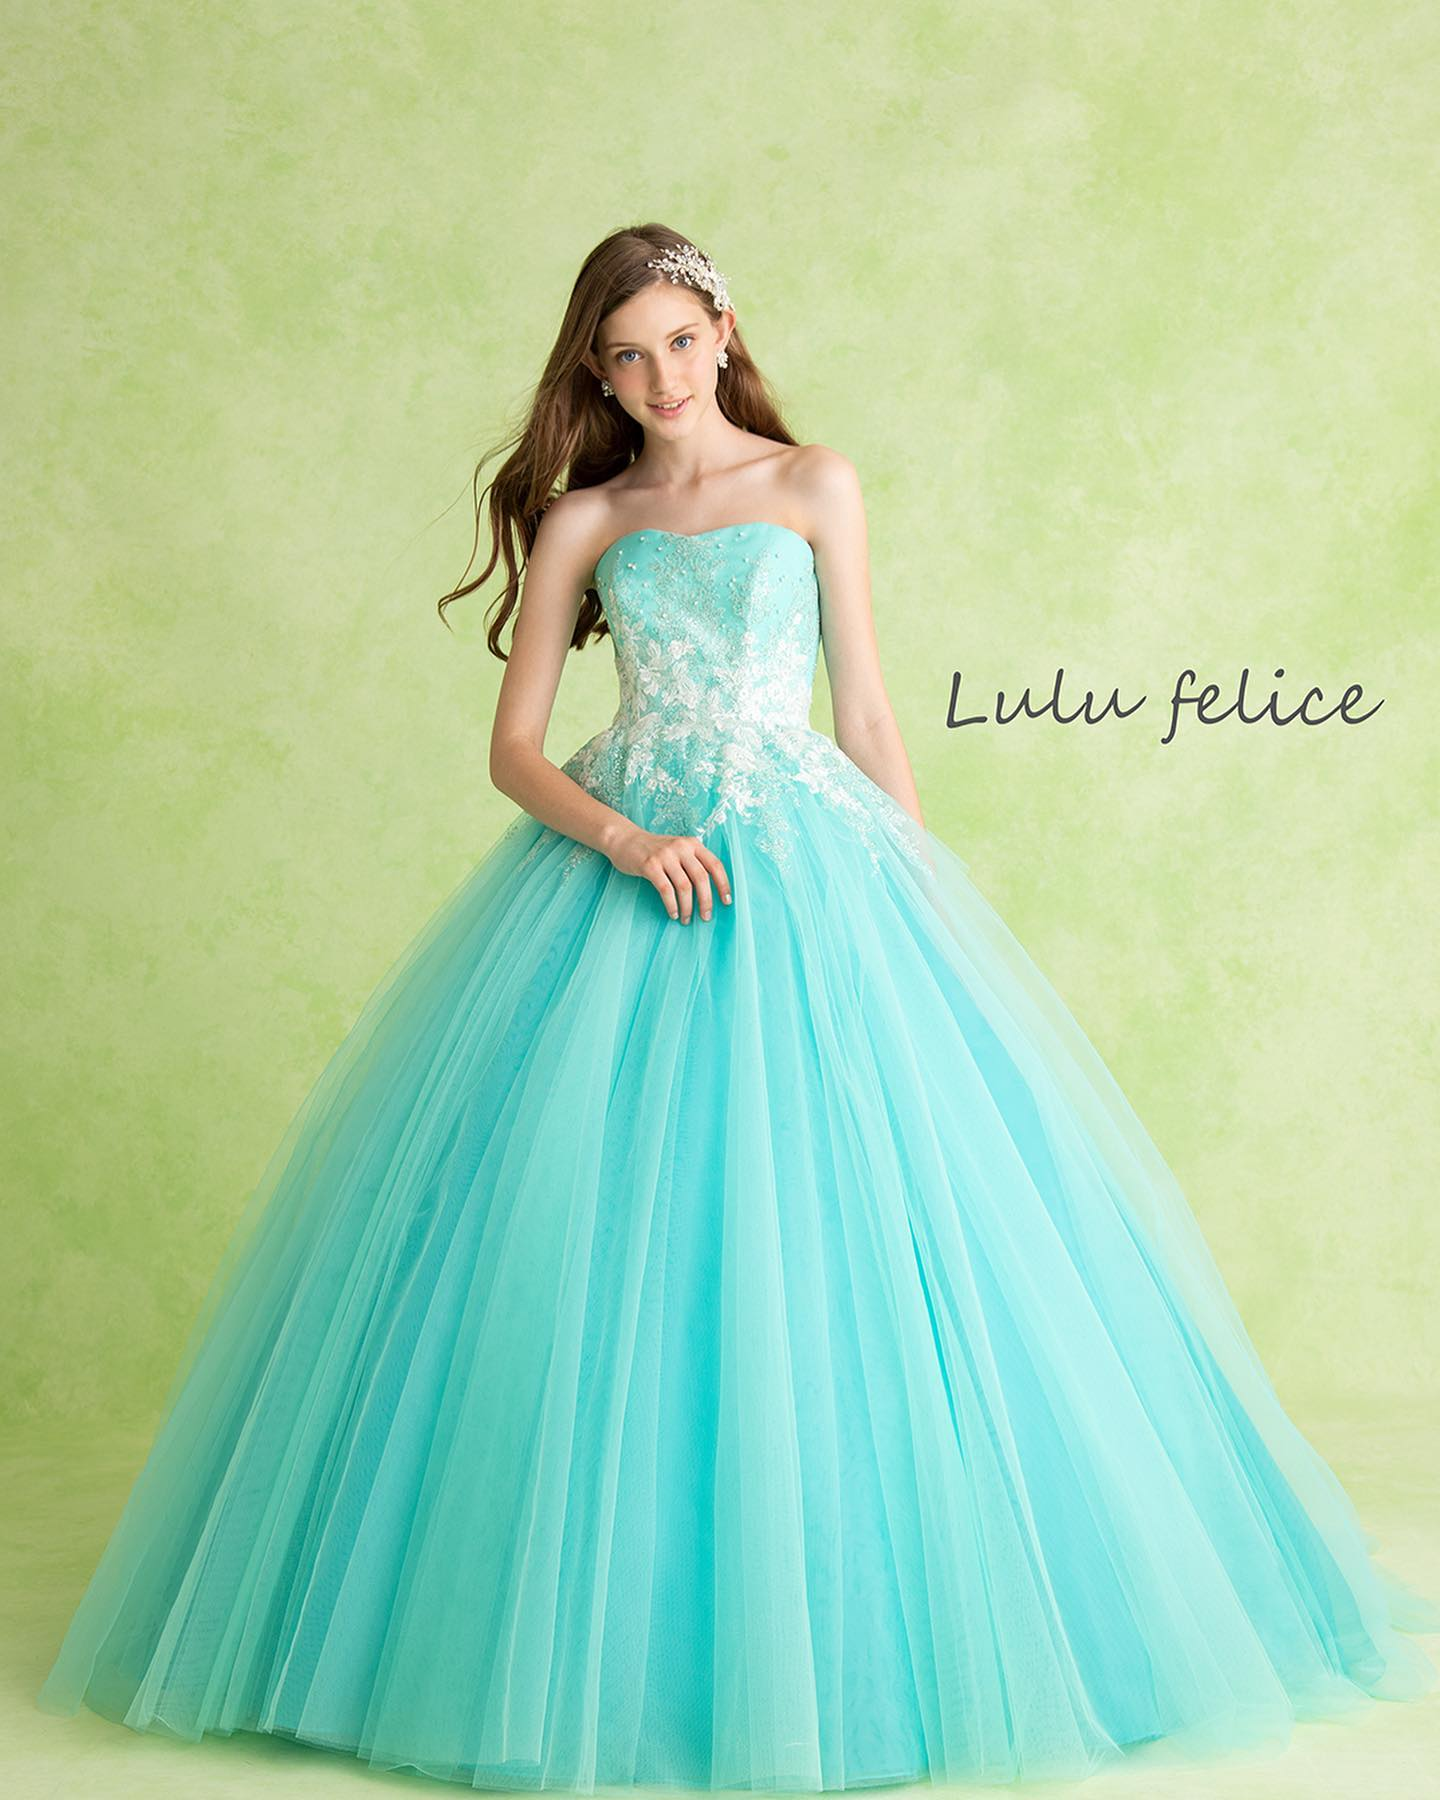 本日はLuLu felice(ルル フェリーチェ)のカラードレスをご紹介・やわらかなターコイズブルーが爽やかグリッターやビジュー、パールがふんだんにちりばめられて…動くたびにキラキラ輝きますふんわりとしたチュールのスカートが花嫁様の可愛らしさをより一層引き立ててくれます・夏に向けてピッタリな一着ぜひお問い合わせ下さいませ・【LuLu felice】CD0365LU-0046レンタル価格:¥220,000・#wedding #weddingdress #bridalhiro  #lulufelice#ウェディングドレス #プレ花嫁 #ドレス試着 #2021夏婚 #2021冬婚 #ヘアメイク #結婚式  #ドレス選び #前撮り #後撮り #フォトウェディング #ウェディングヘア  #フォト婚 #前撮り写真 #ブライダルフォト #カップルフォト #ウェディングドレス探し #ウェディングドレス試着 #レンタルドレス #ドレスショップ #家族婚 #ブライダルヒロ #ゼクシィ #プリンセスライン #ドレス迷子 #ルルフェリーチェ